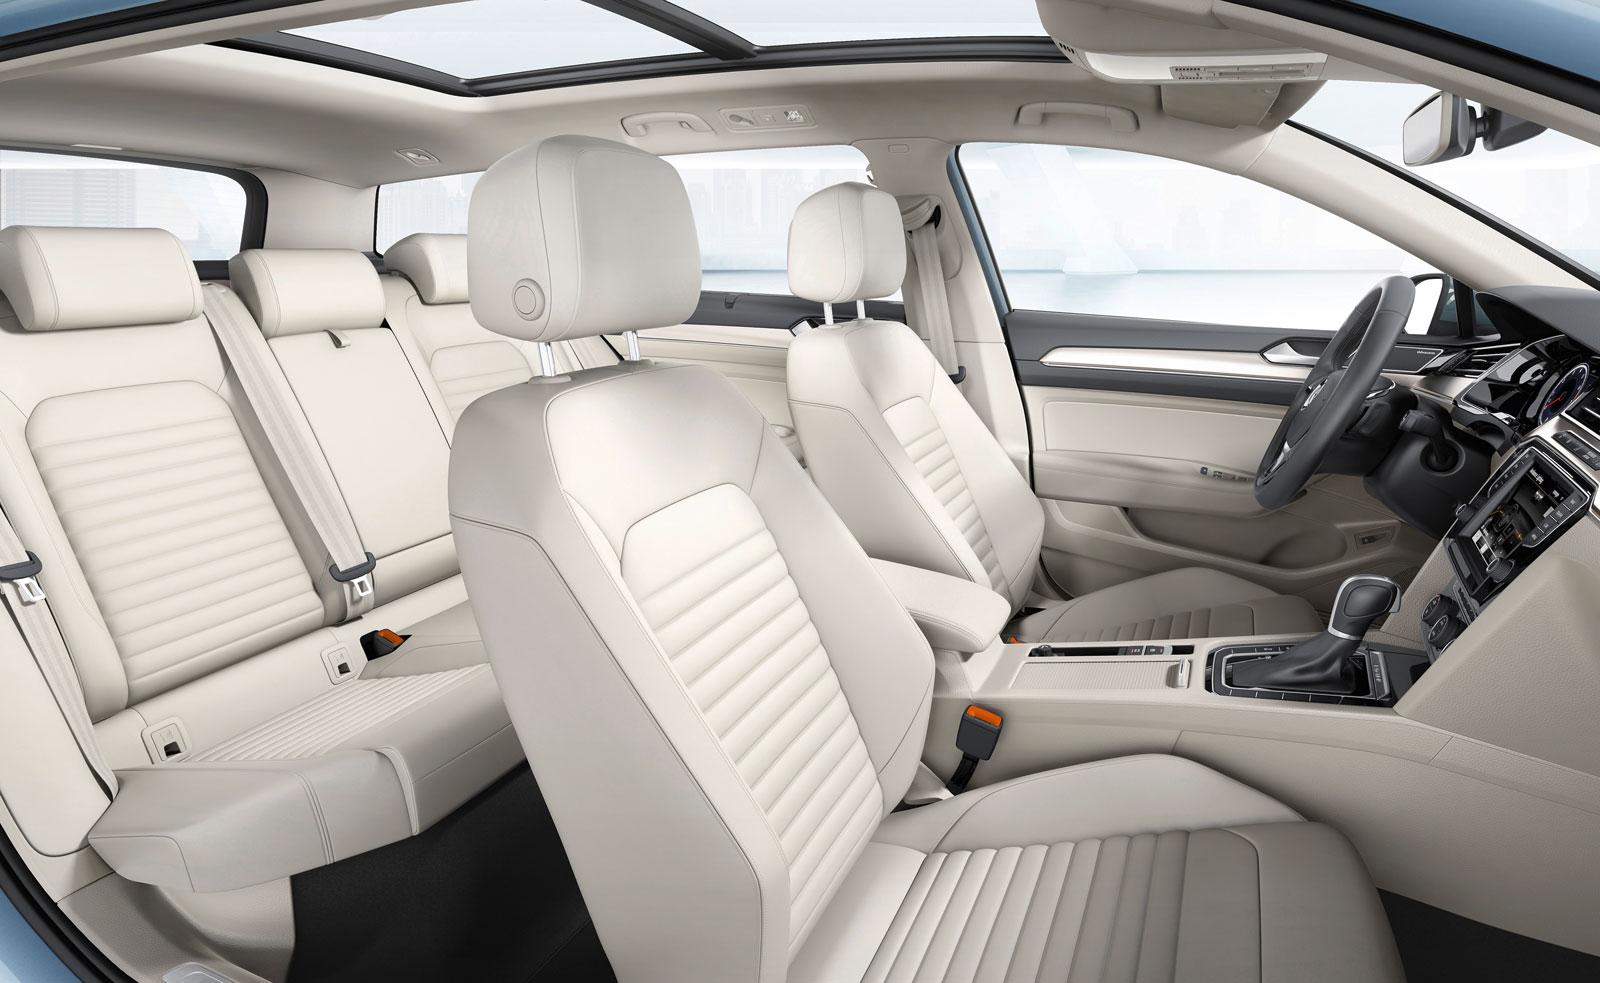 New Volkswagen Passat Interior